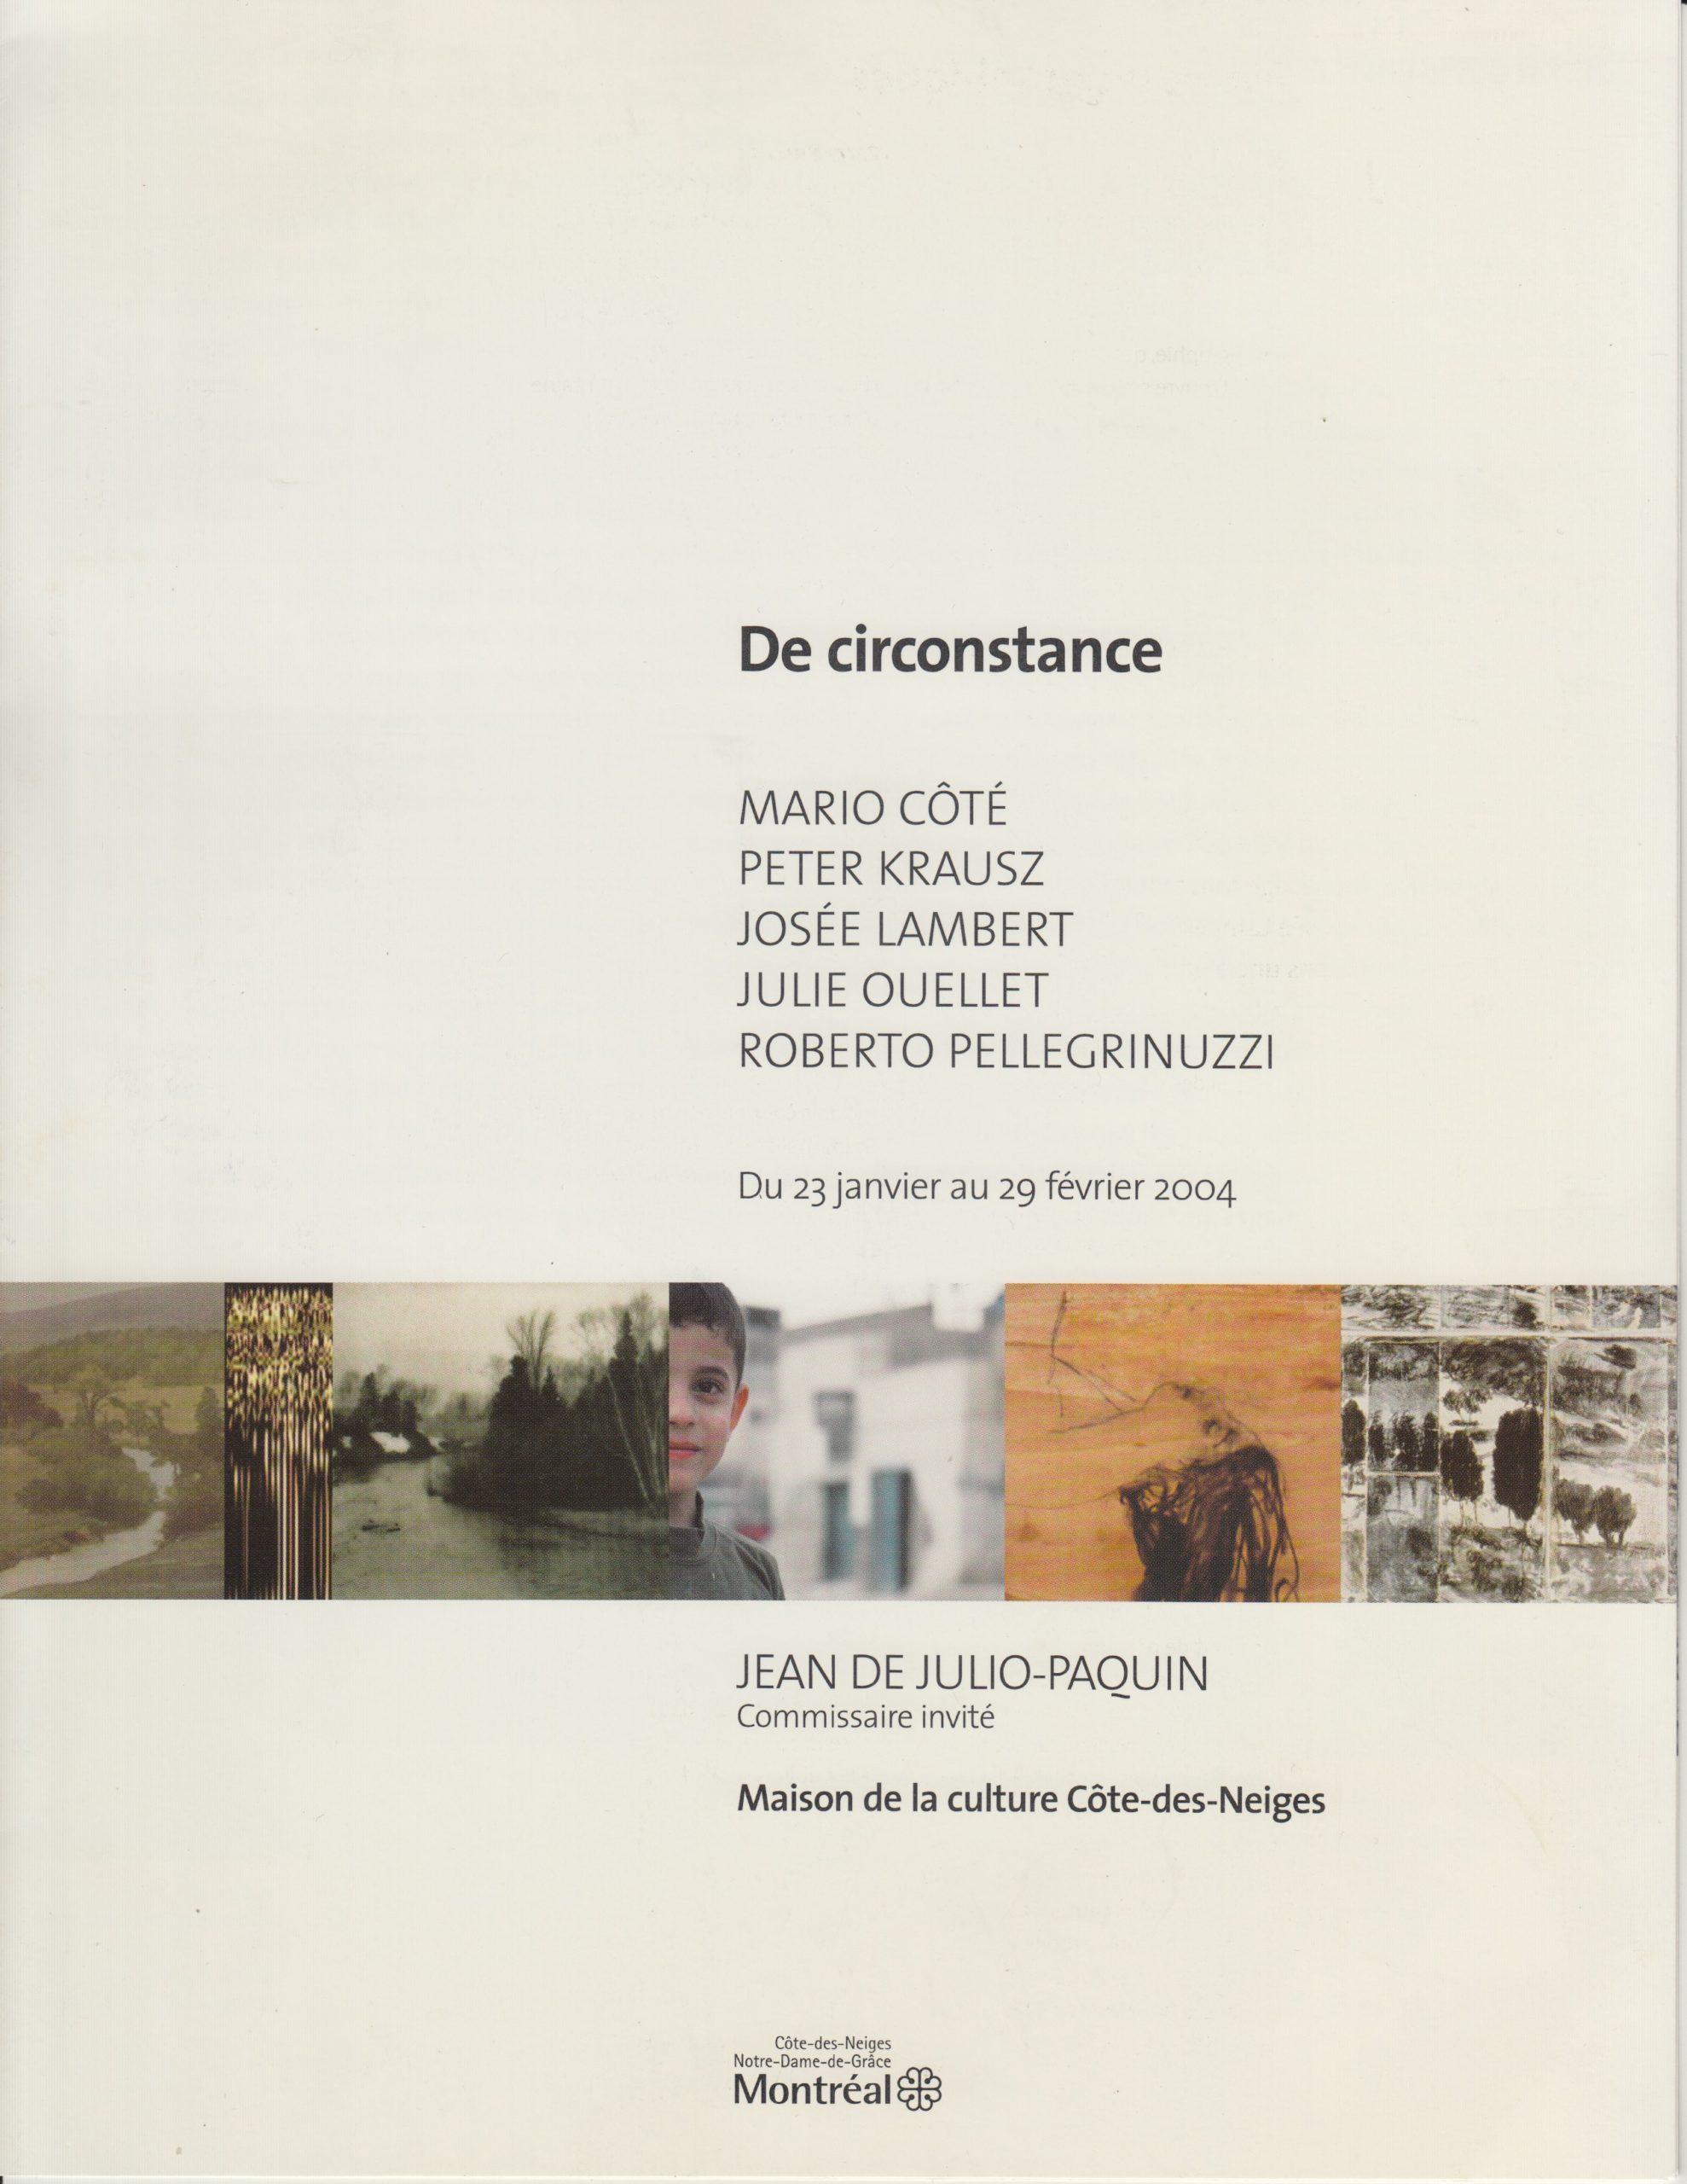 De circonstance, Jean de Julio-Paquin, 2004